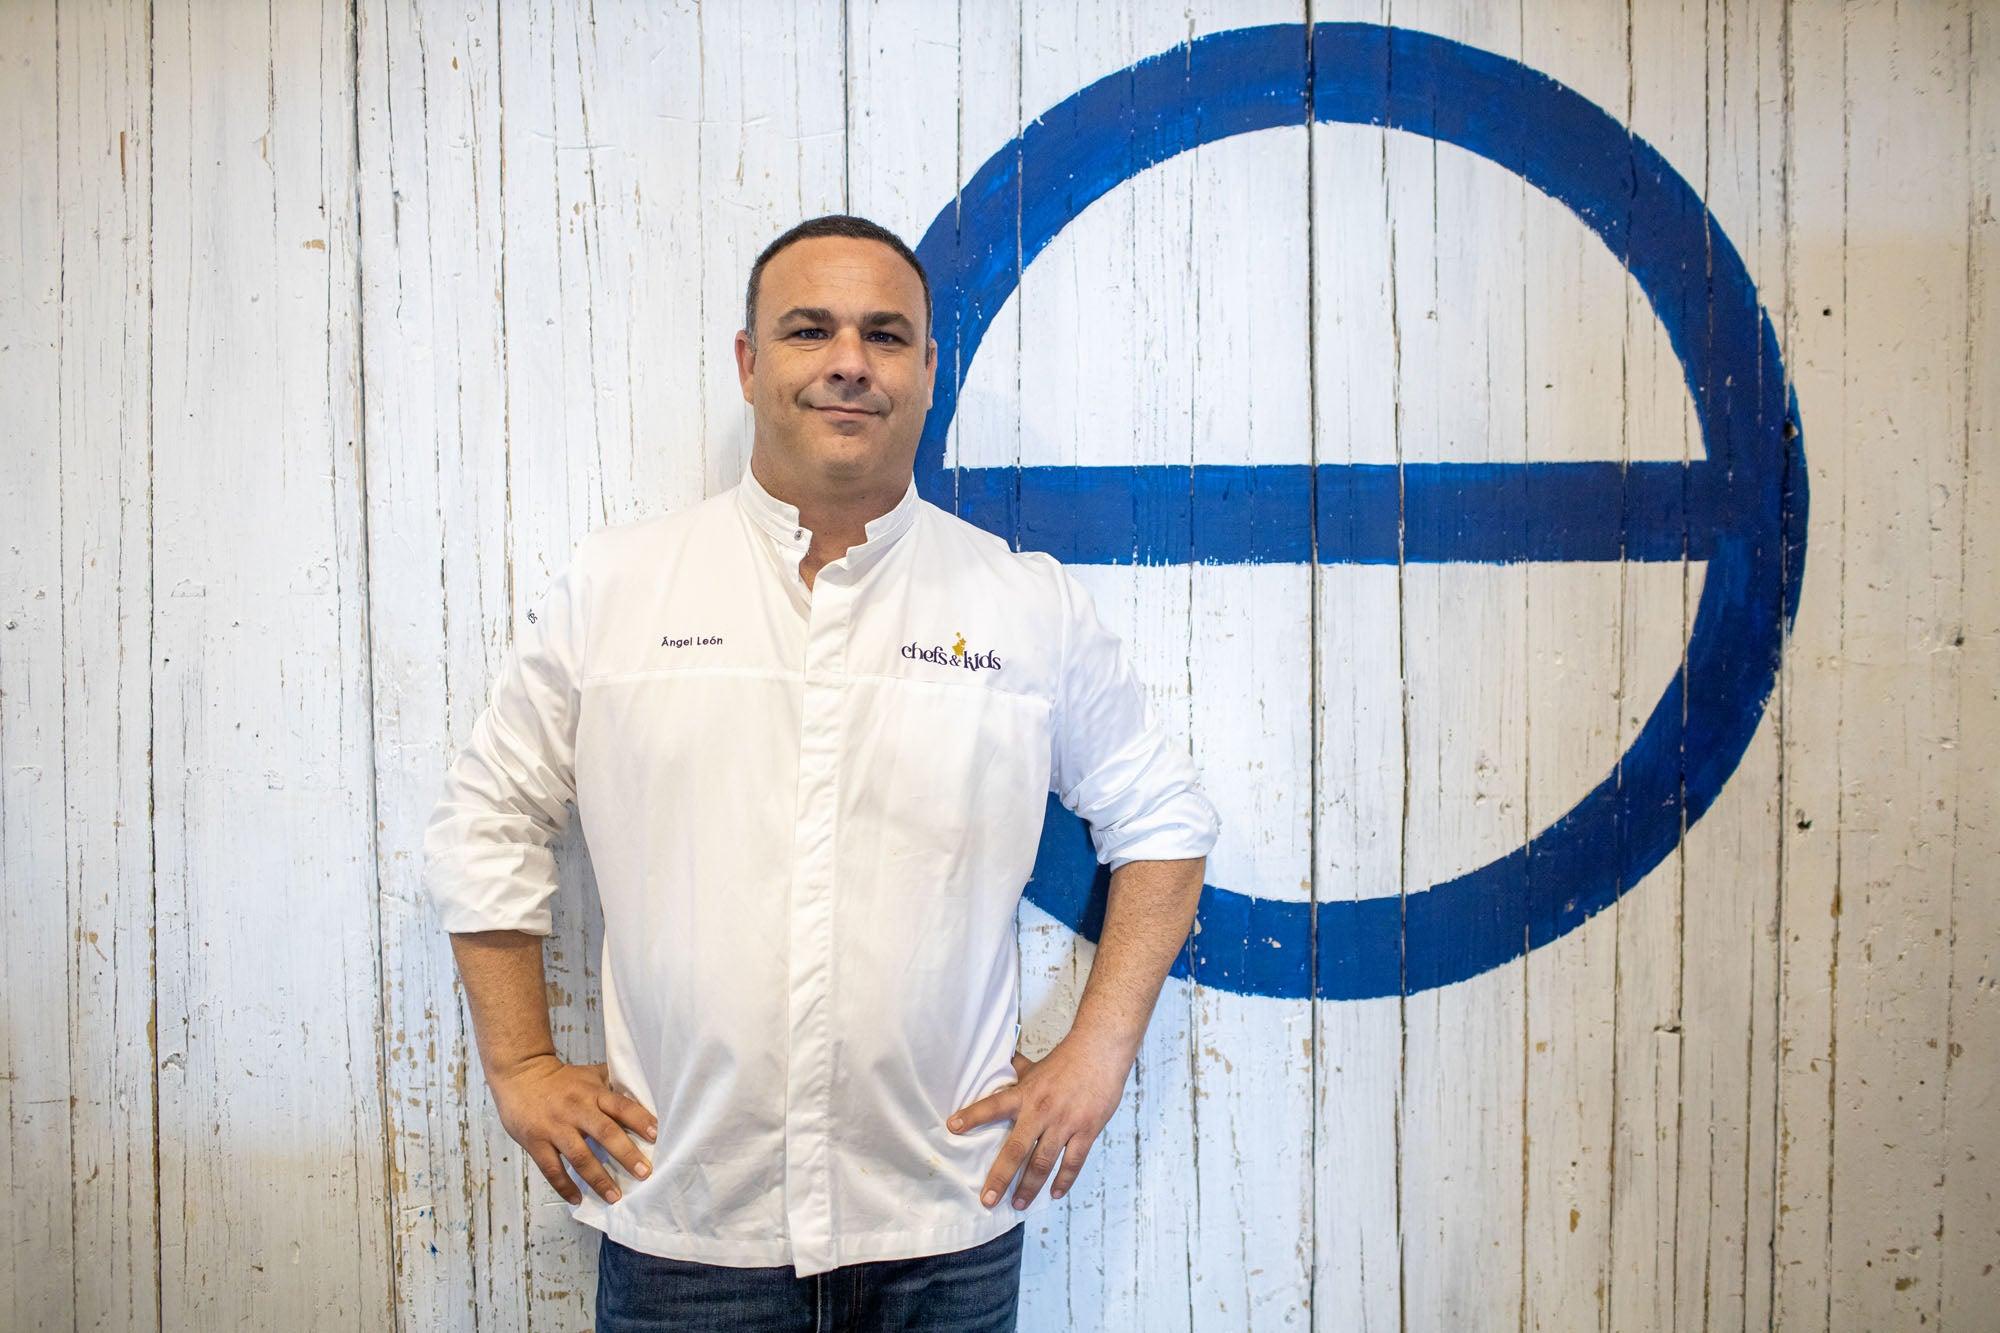 """Ángel León, conocido como el """"chef del mar""""."""